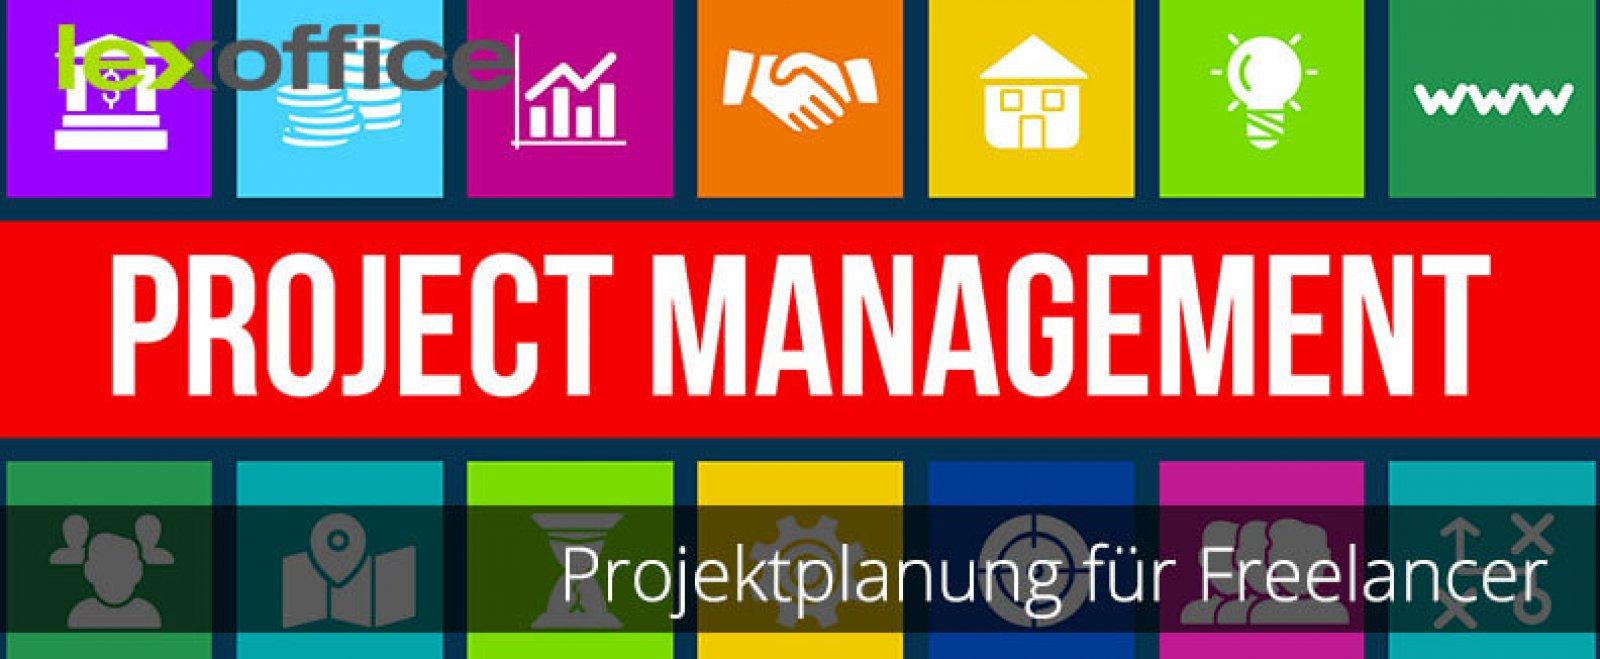 Projekte sinnvoll planen ist ein Teil erfolgreichen Projektmanagements. Mehr über Tipps für Freelancer: Projektplanung für Freelancer im lexoffice-Blog